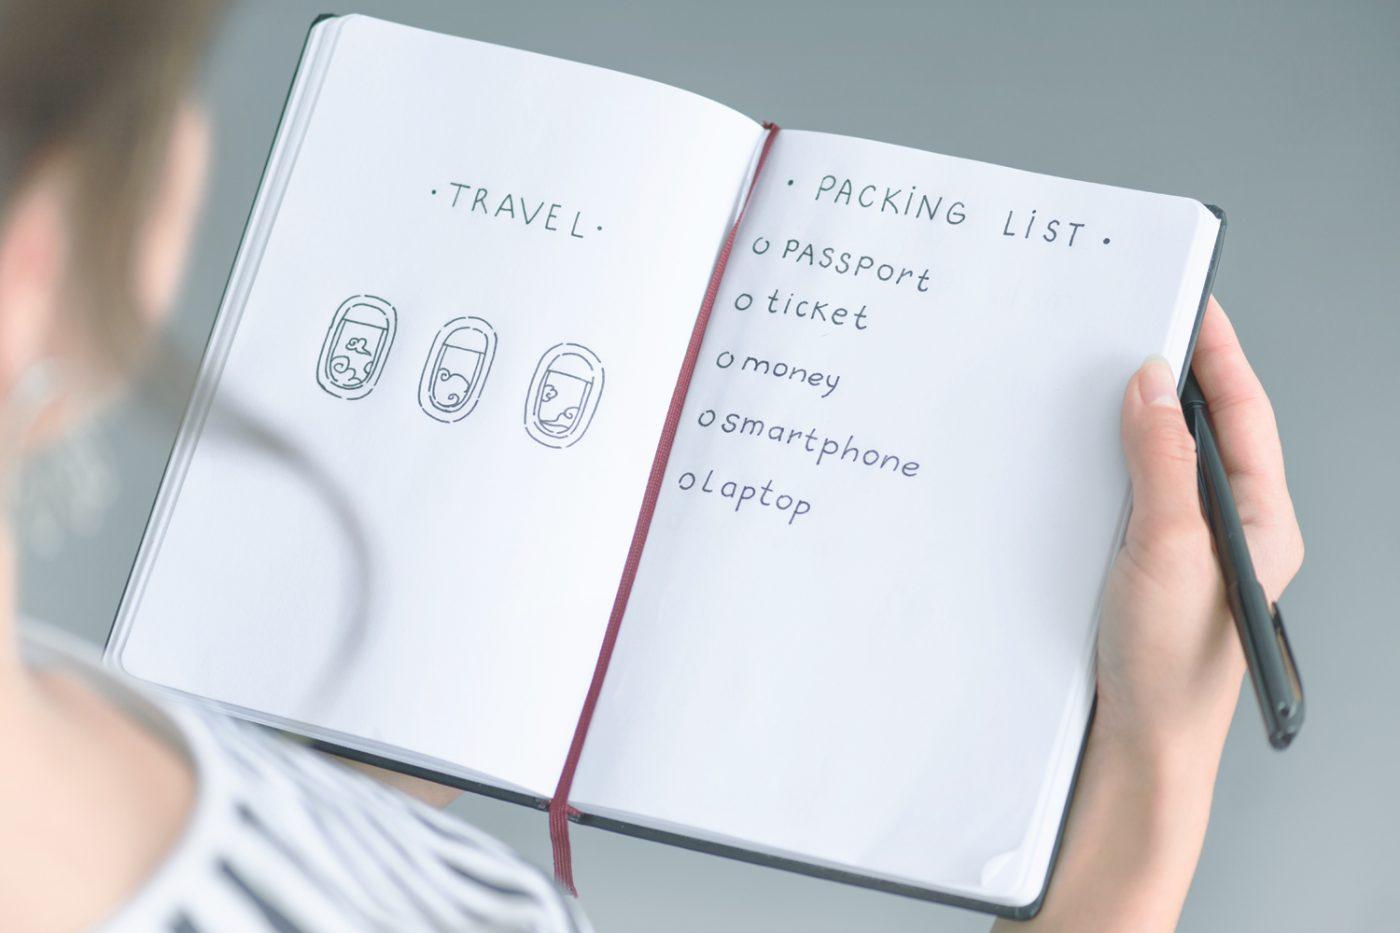 Eine Frau schreibt eine Packliste.